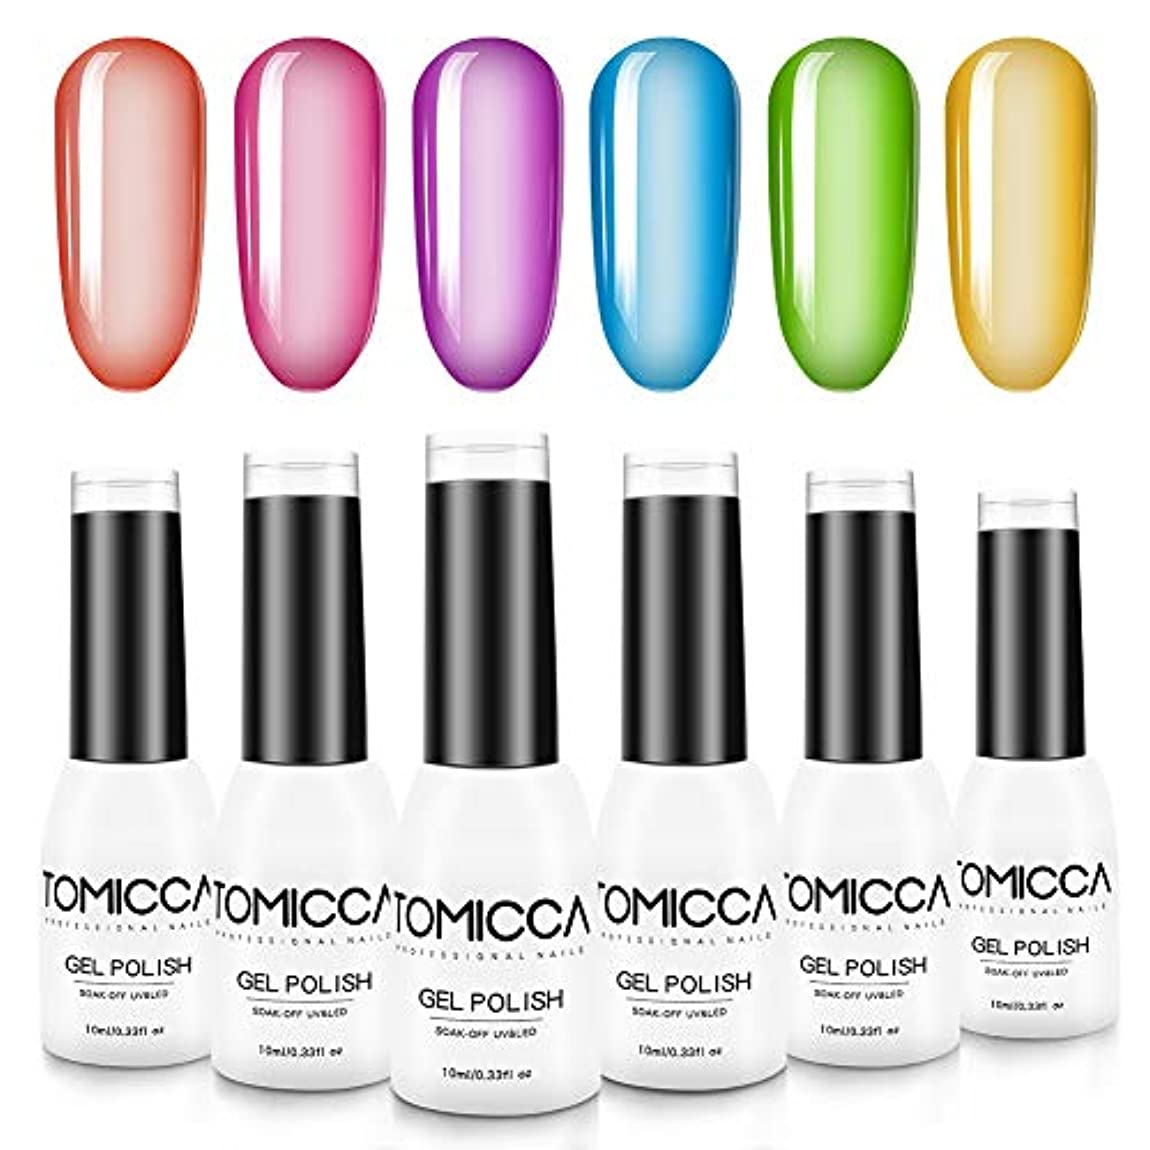 株式贈り物うぬぼれたTOMICCA ジェルネイル カラー 6色セット 10ml ピンキーカラー 色持ち良い 可愛い 初心者用カラージェル